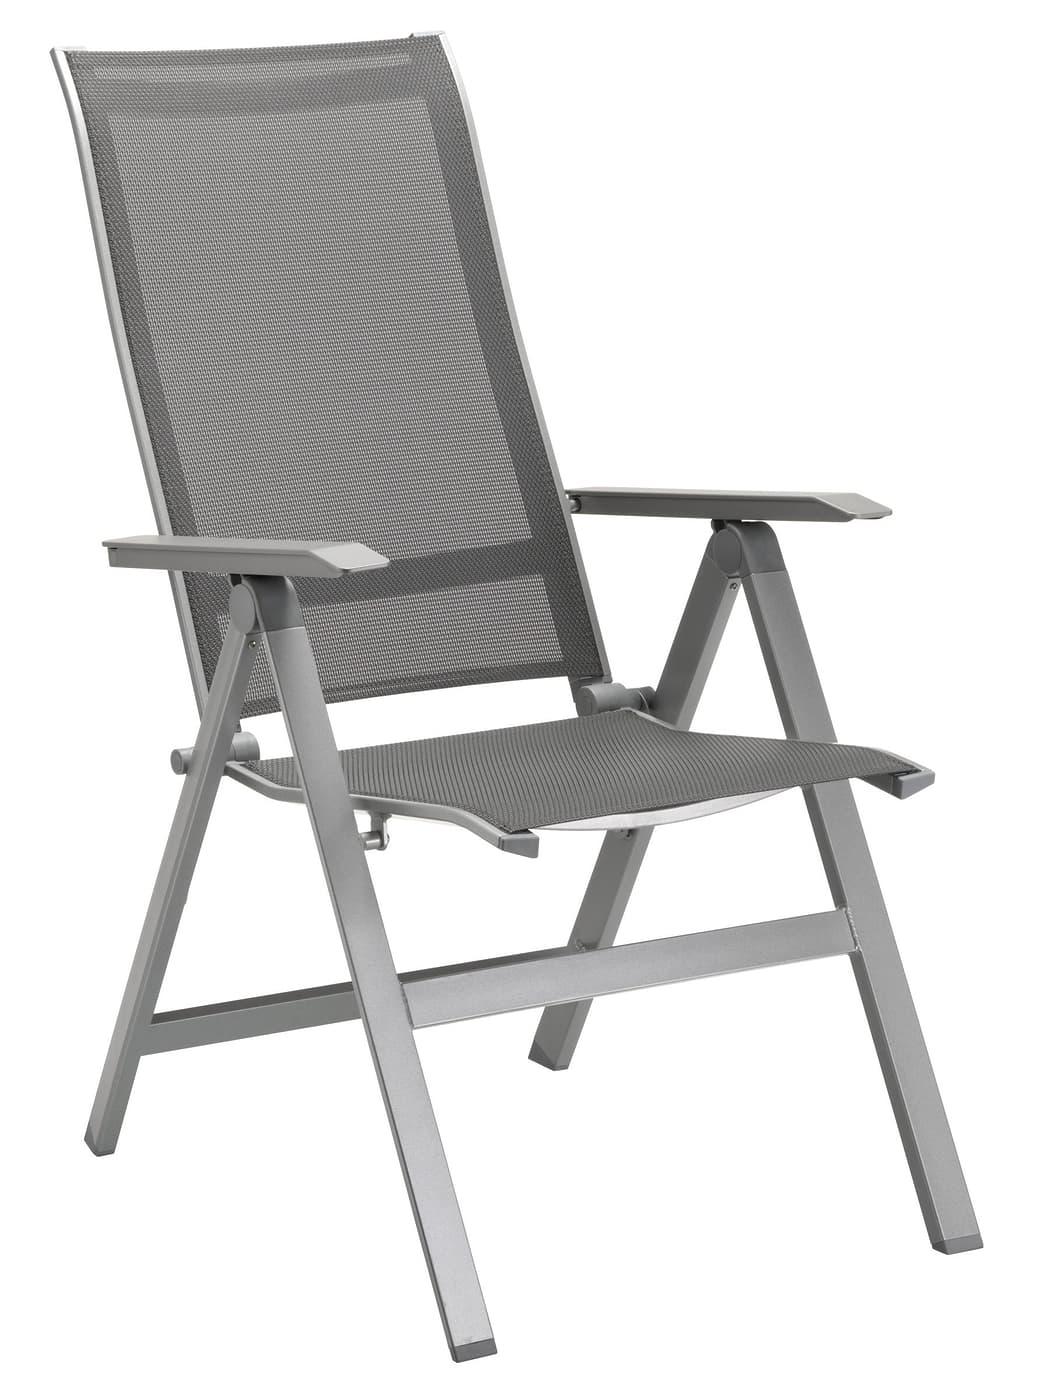 Acamp Chaise Pliante Lyon Migros